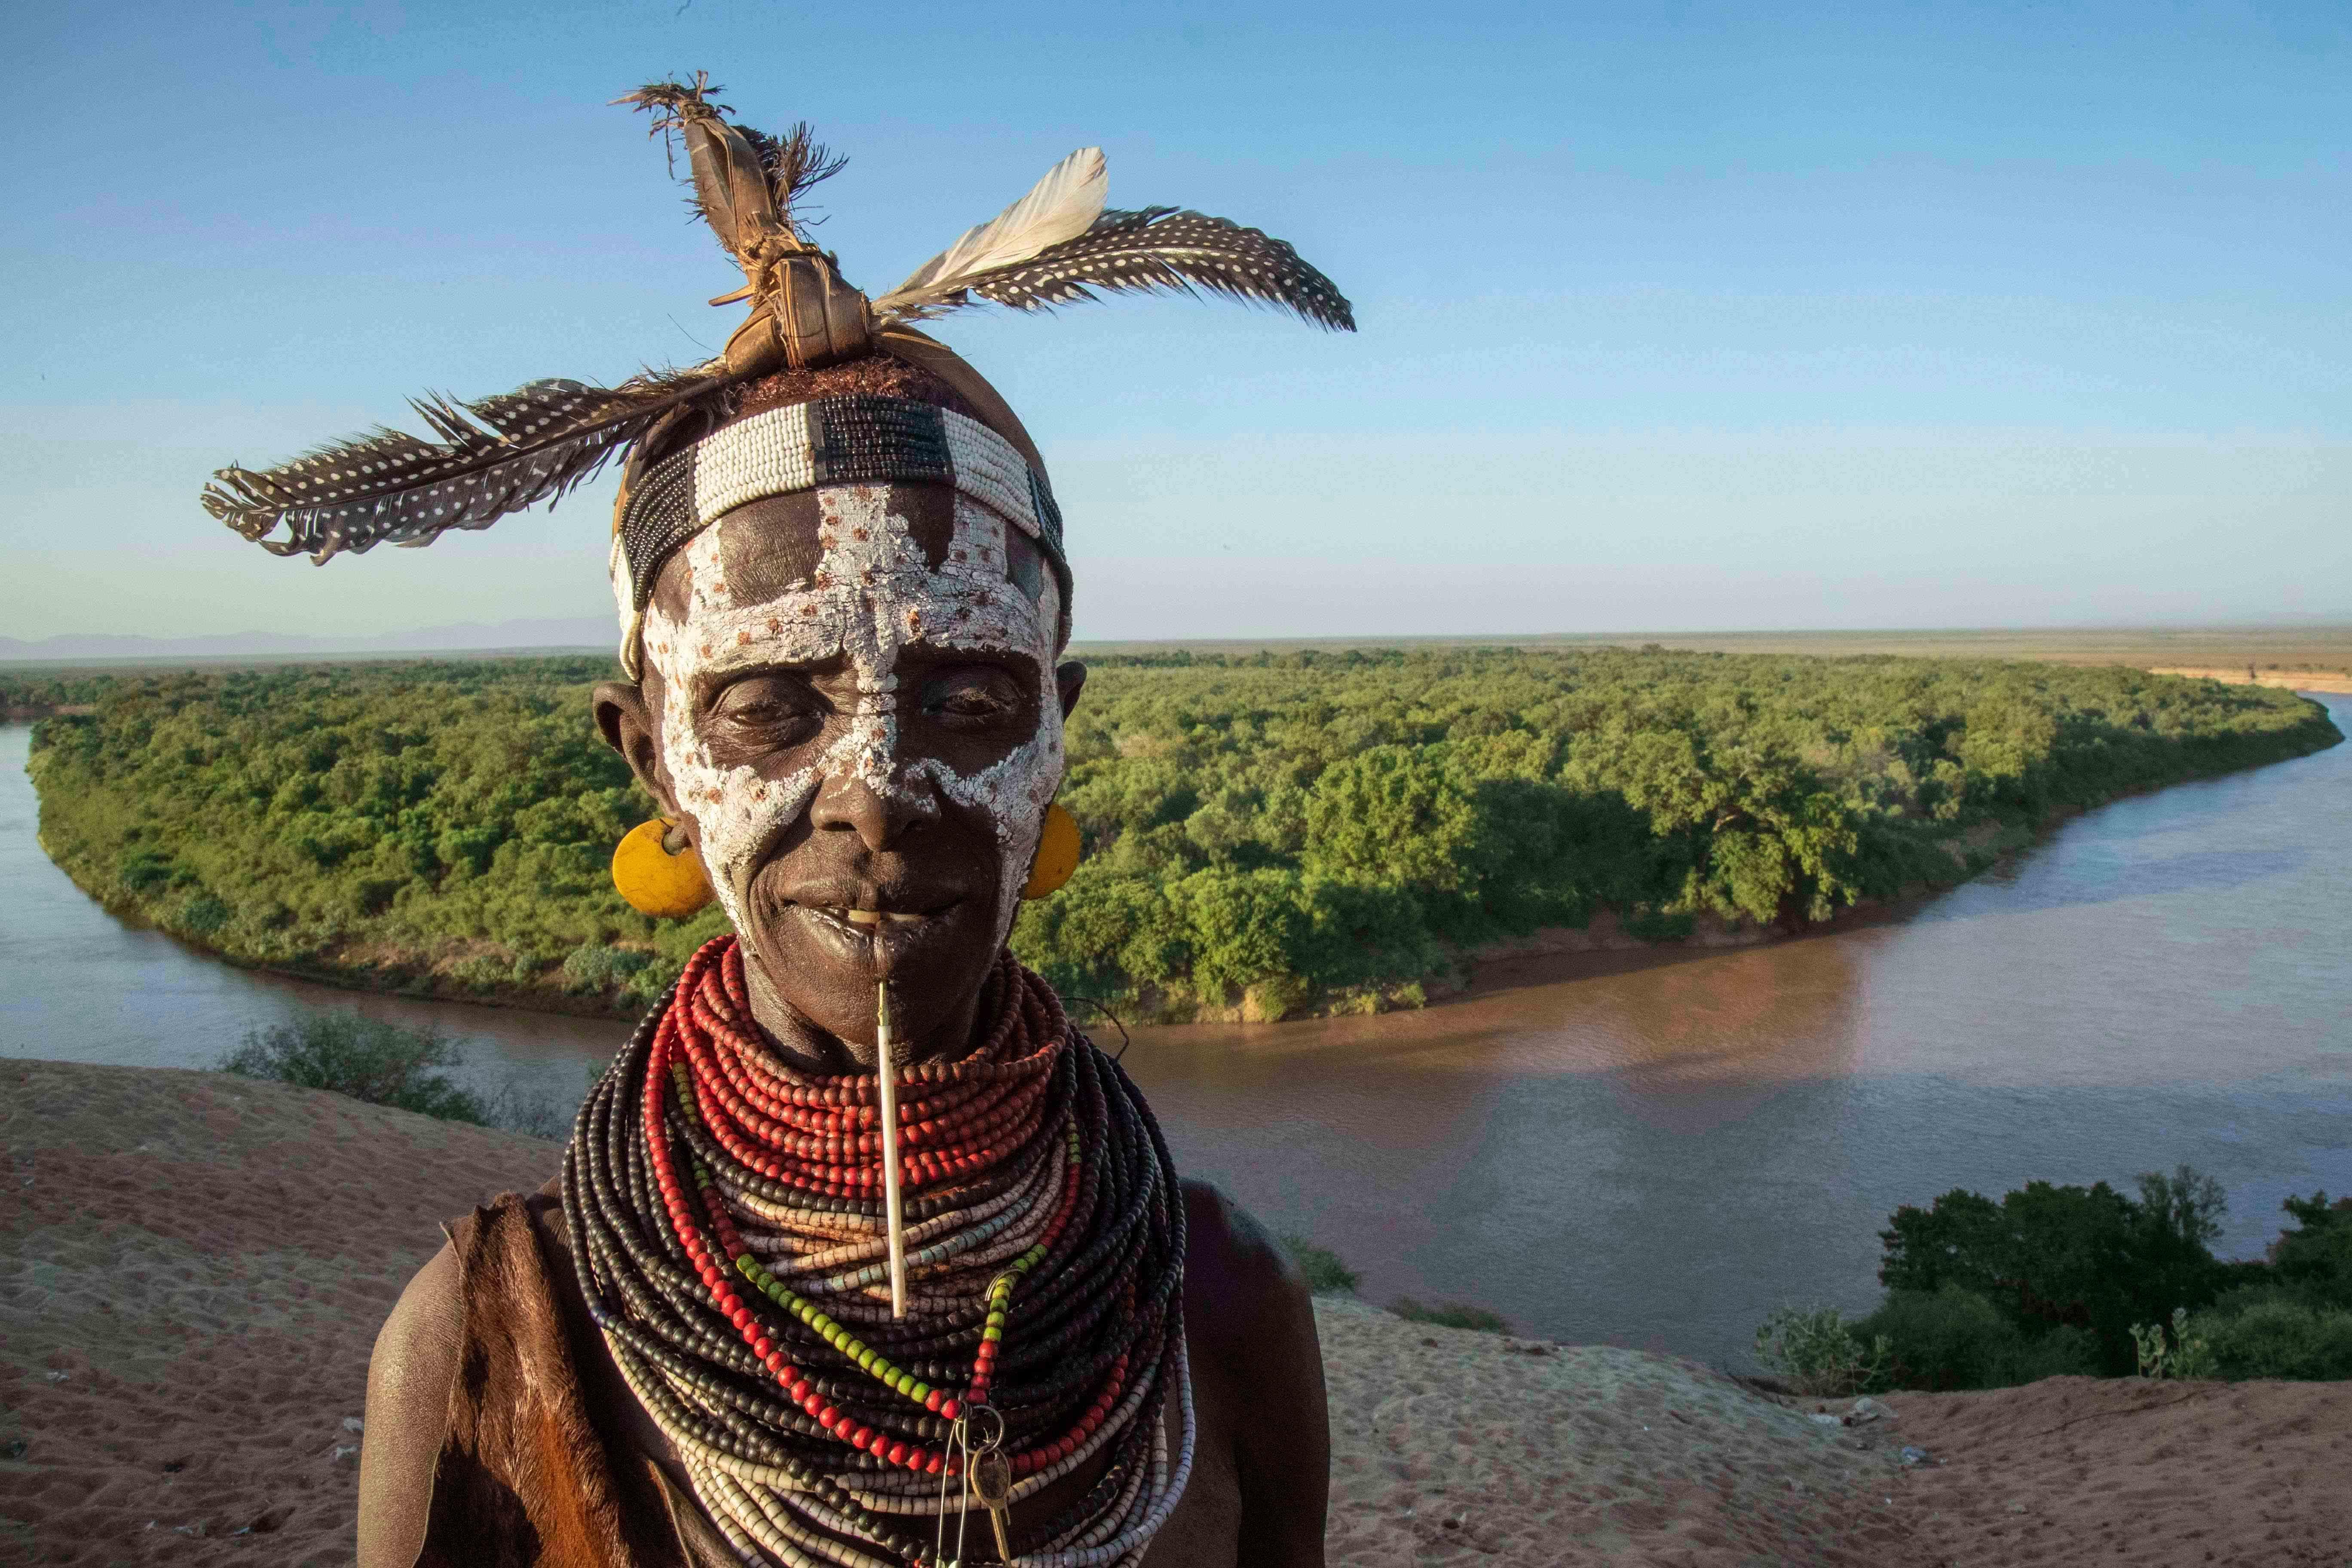 популярной, африканские племена нила фото рассказываю как коптим